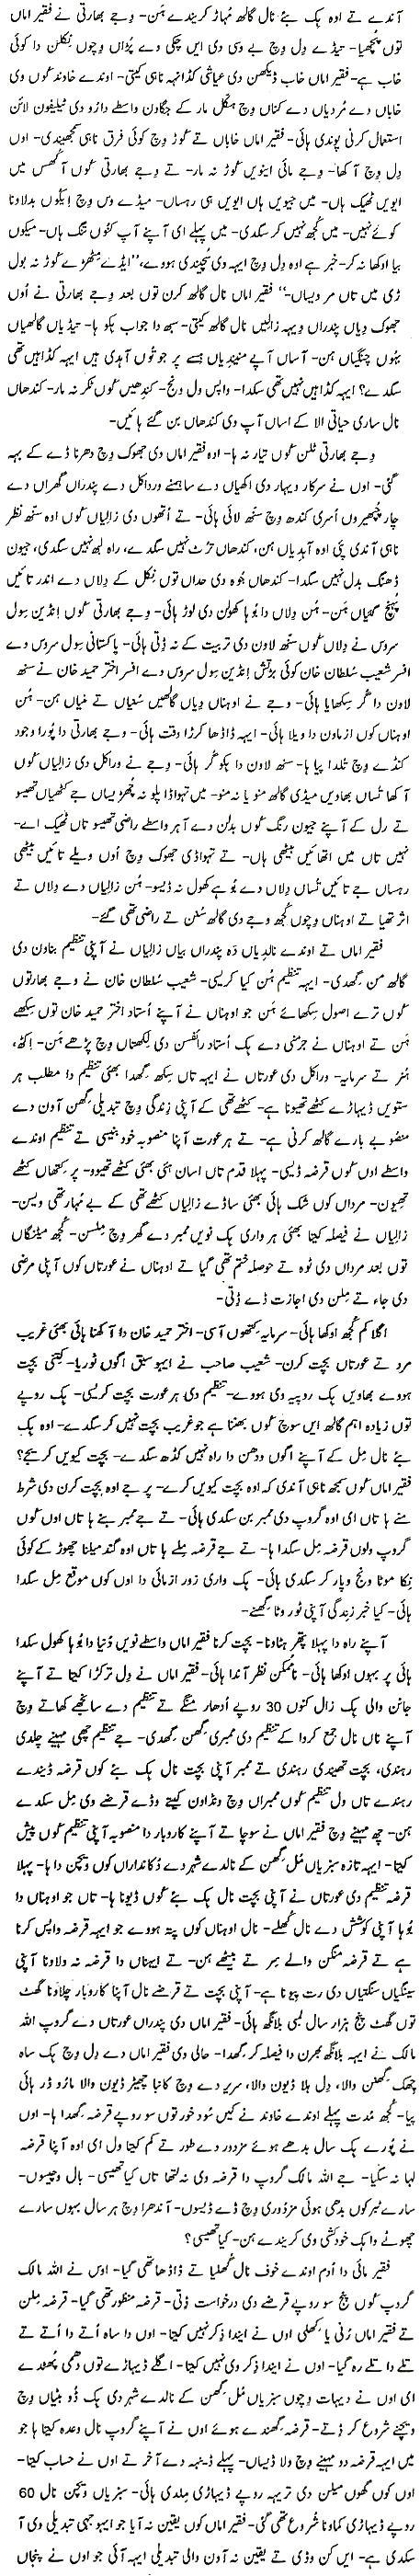 Faqir Amma (Fayyaz Baqir) Part-2